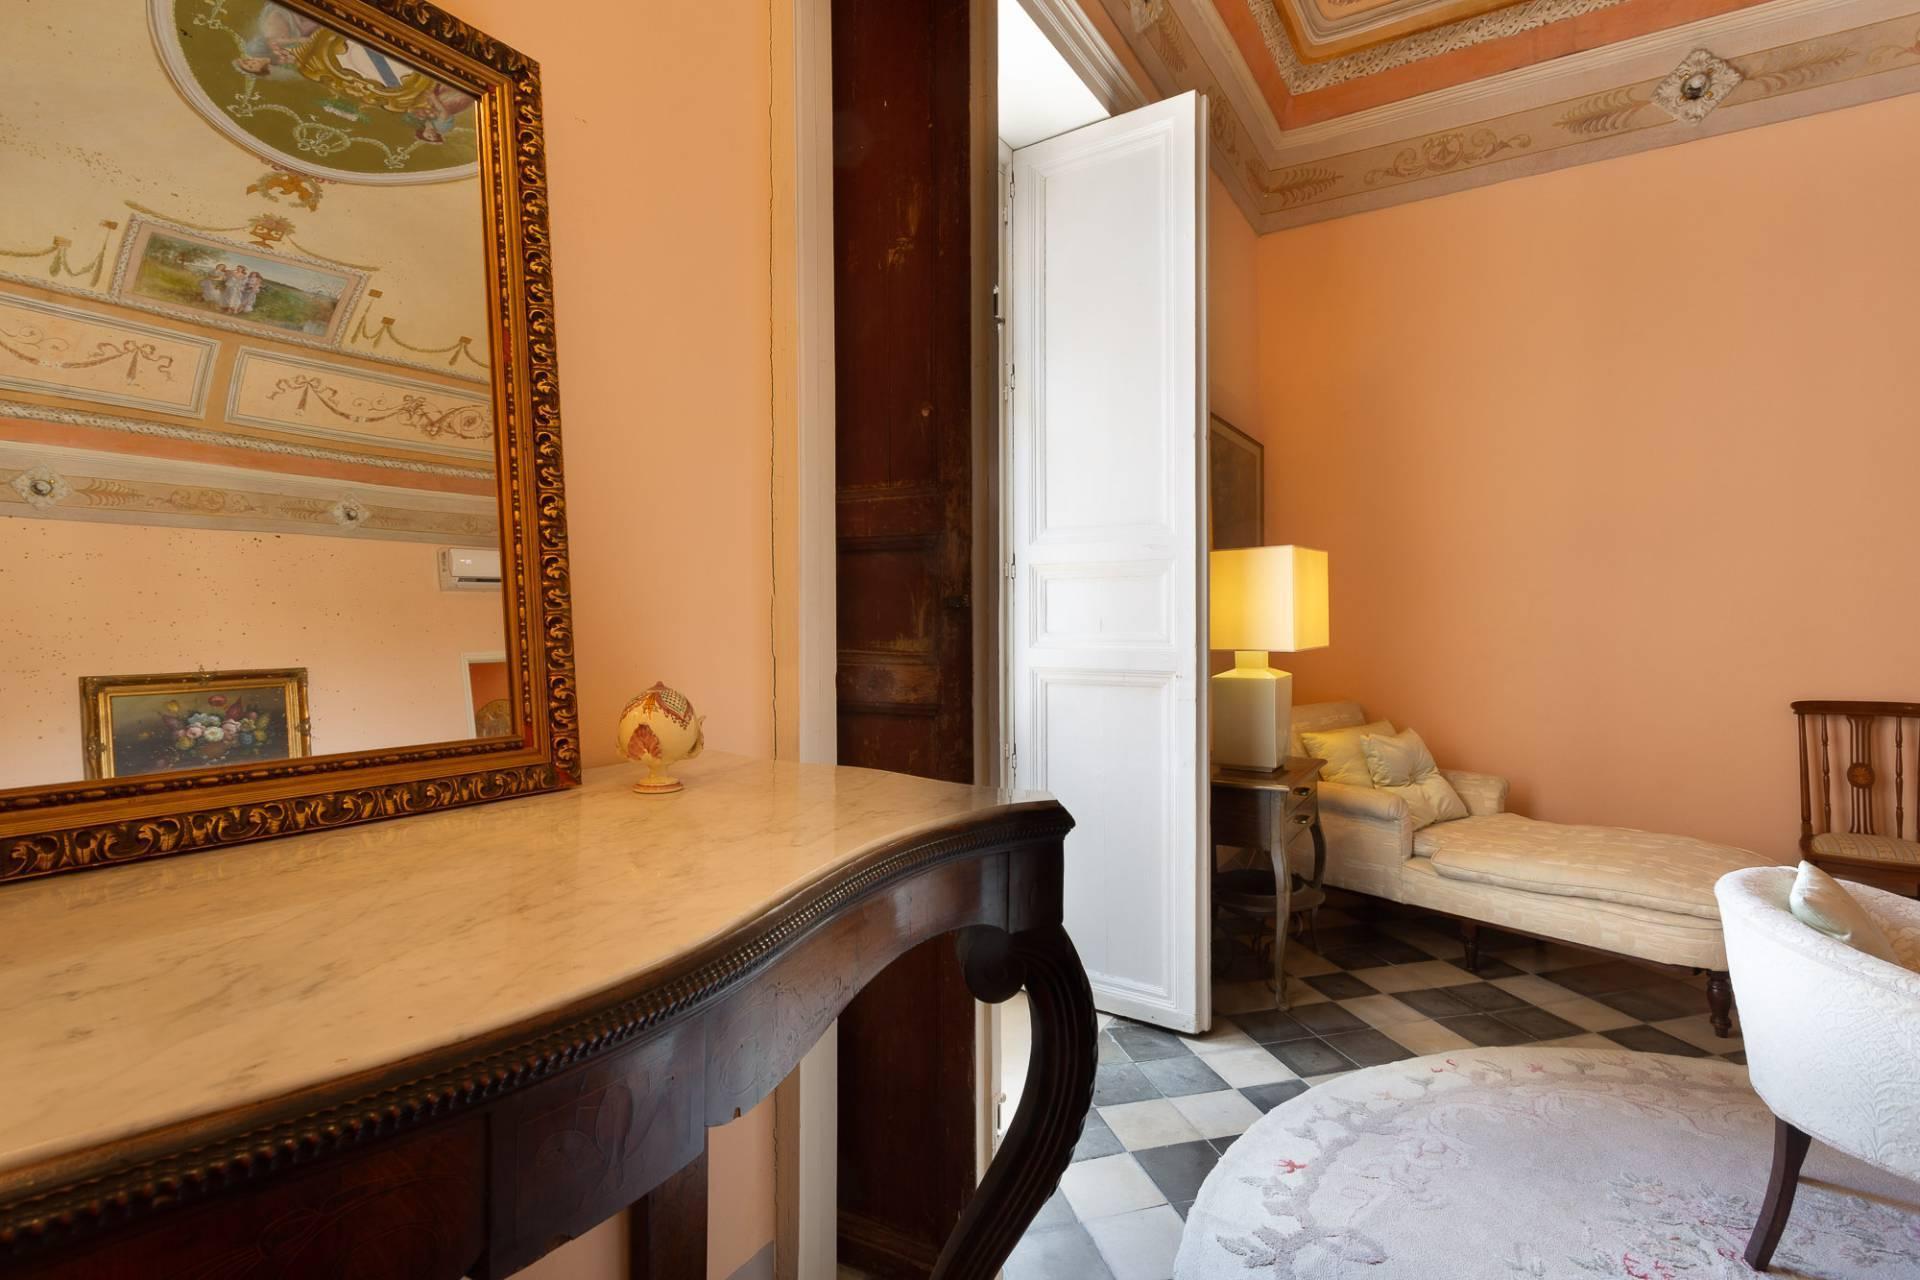 Esclusivo appartamento con terrazzo Immerso nel barocco modicano - 35